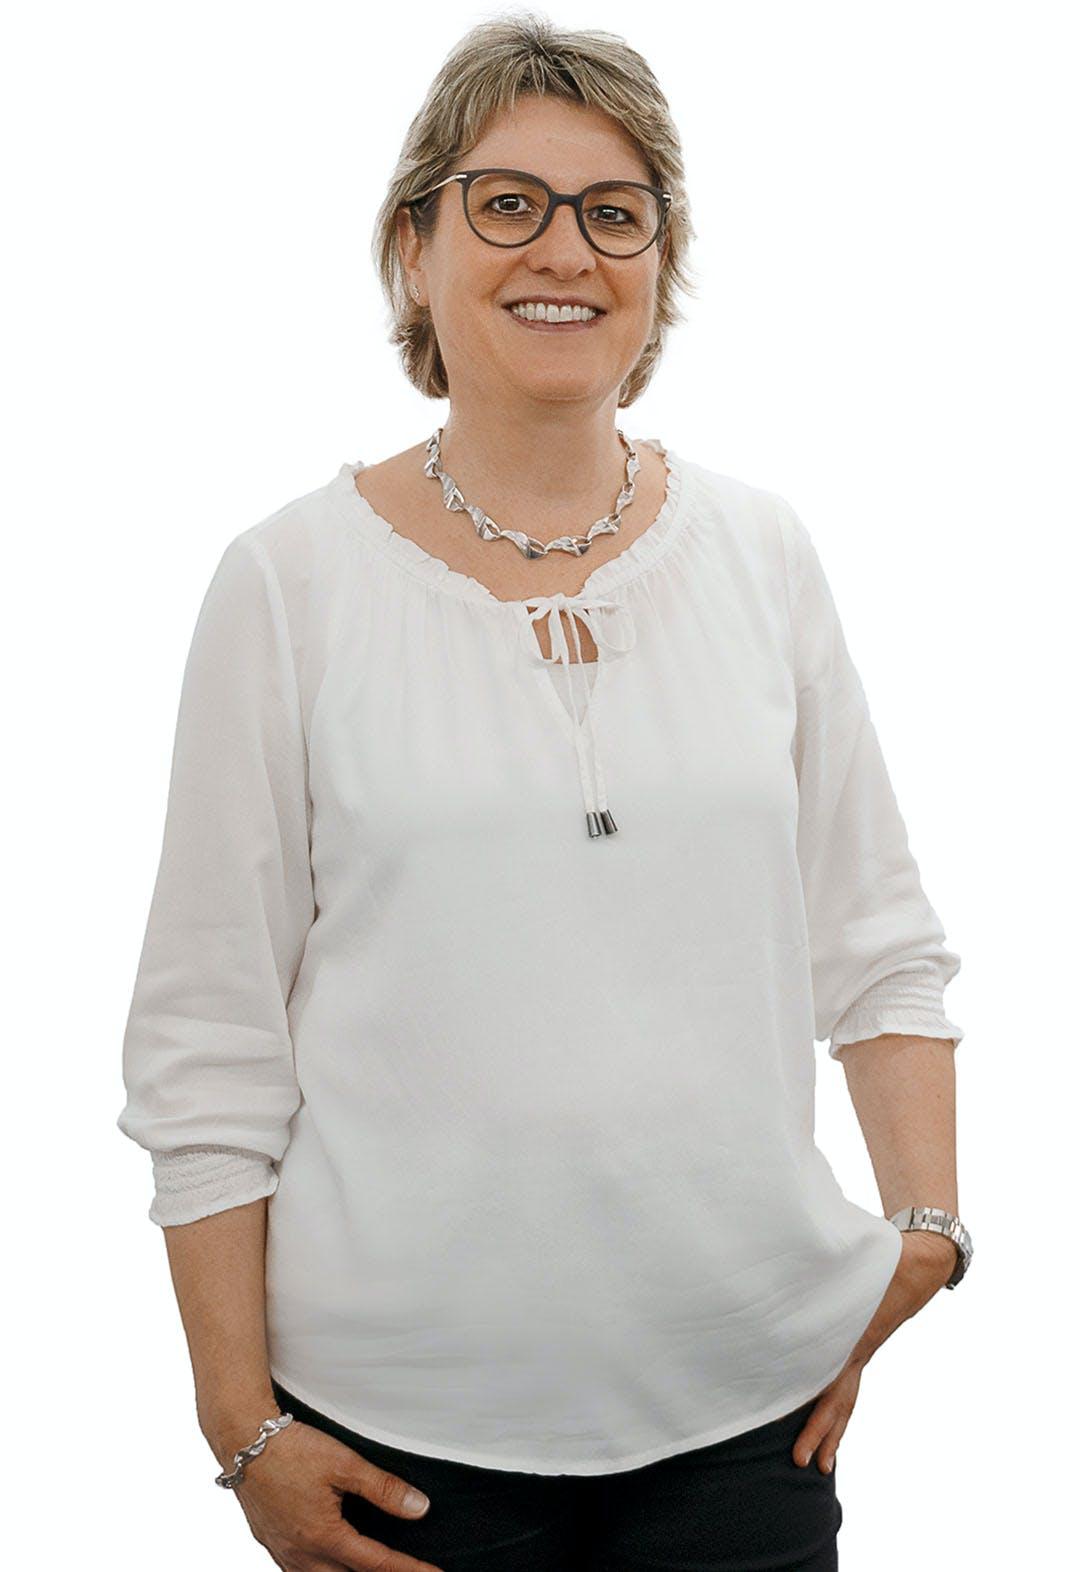 Michelle Blaser